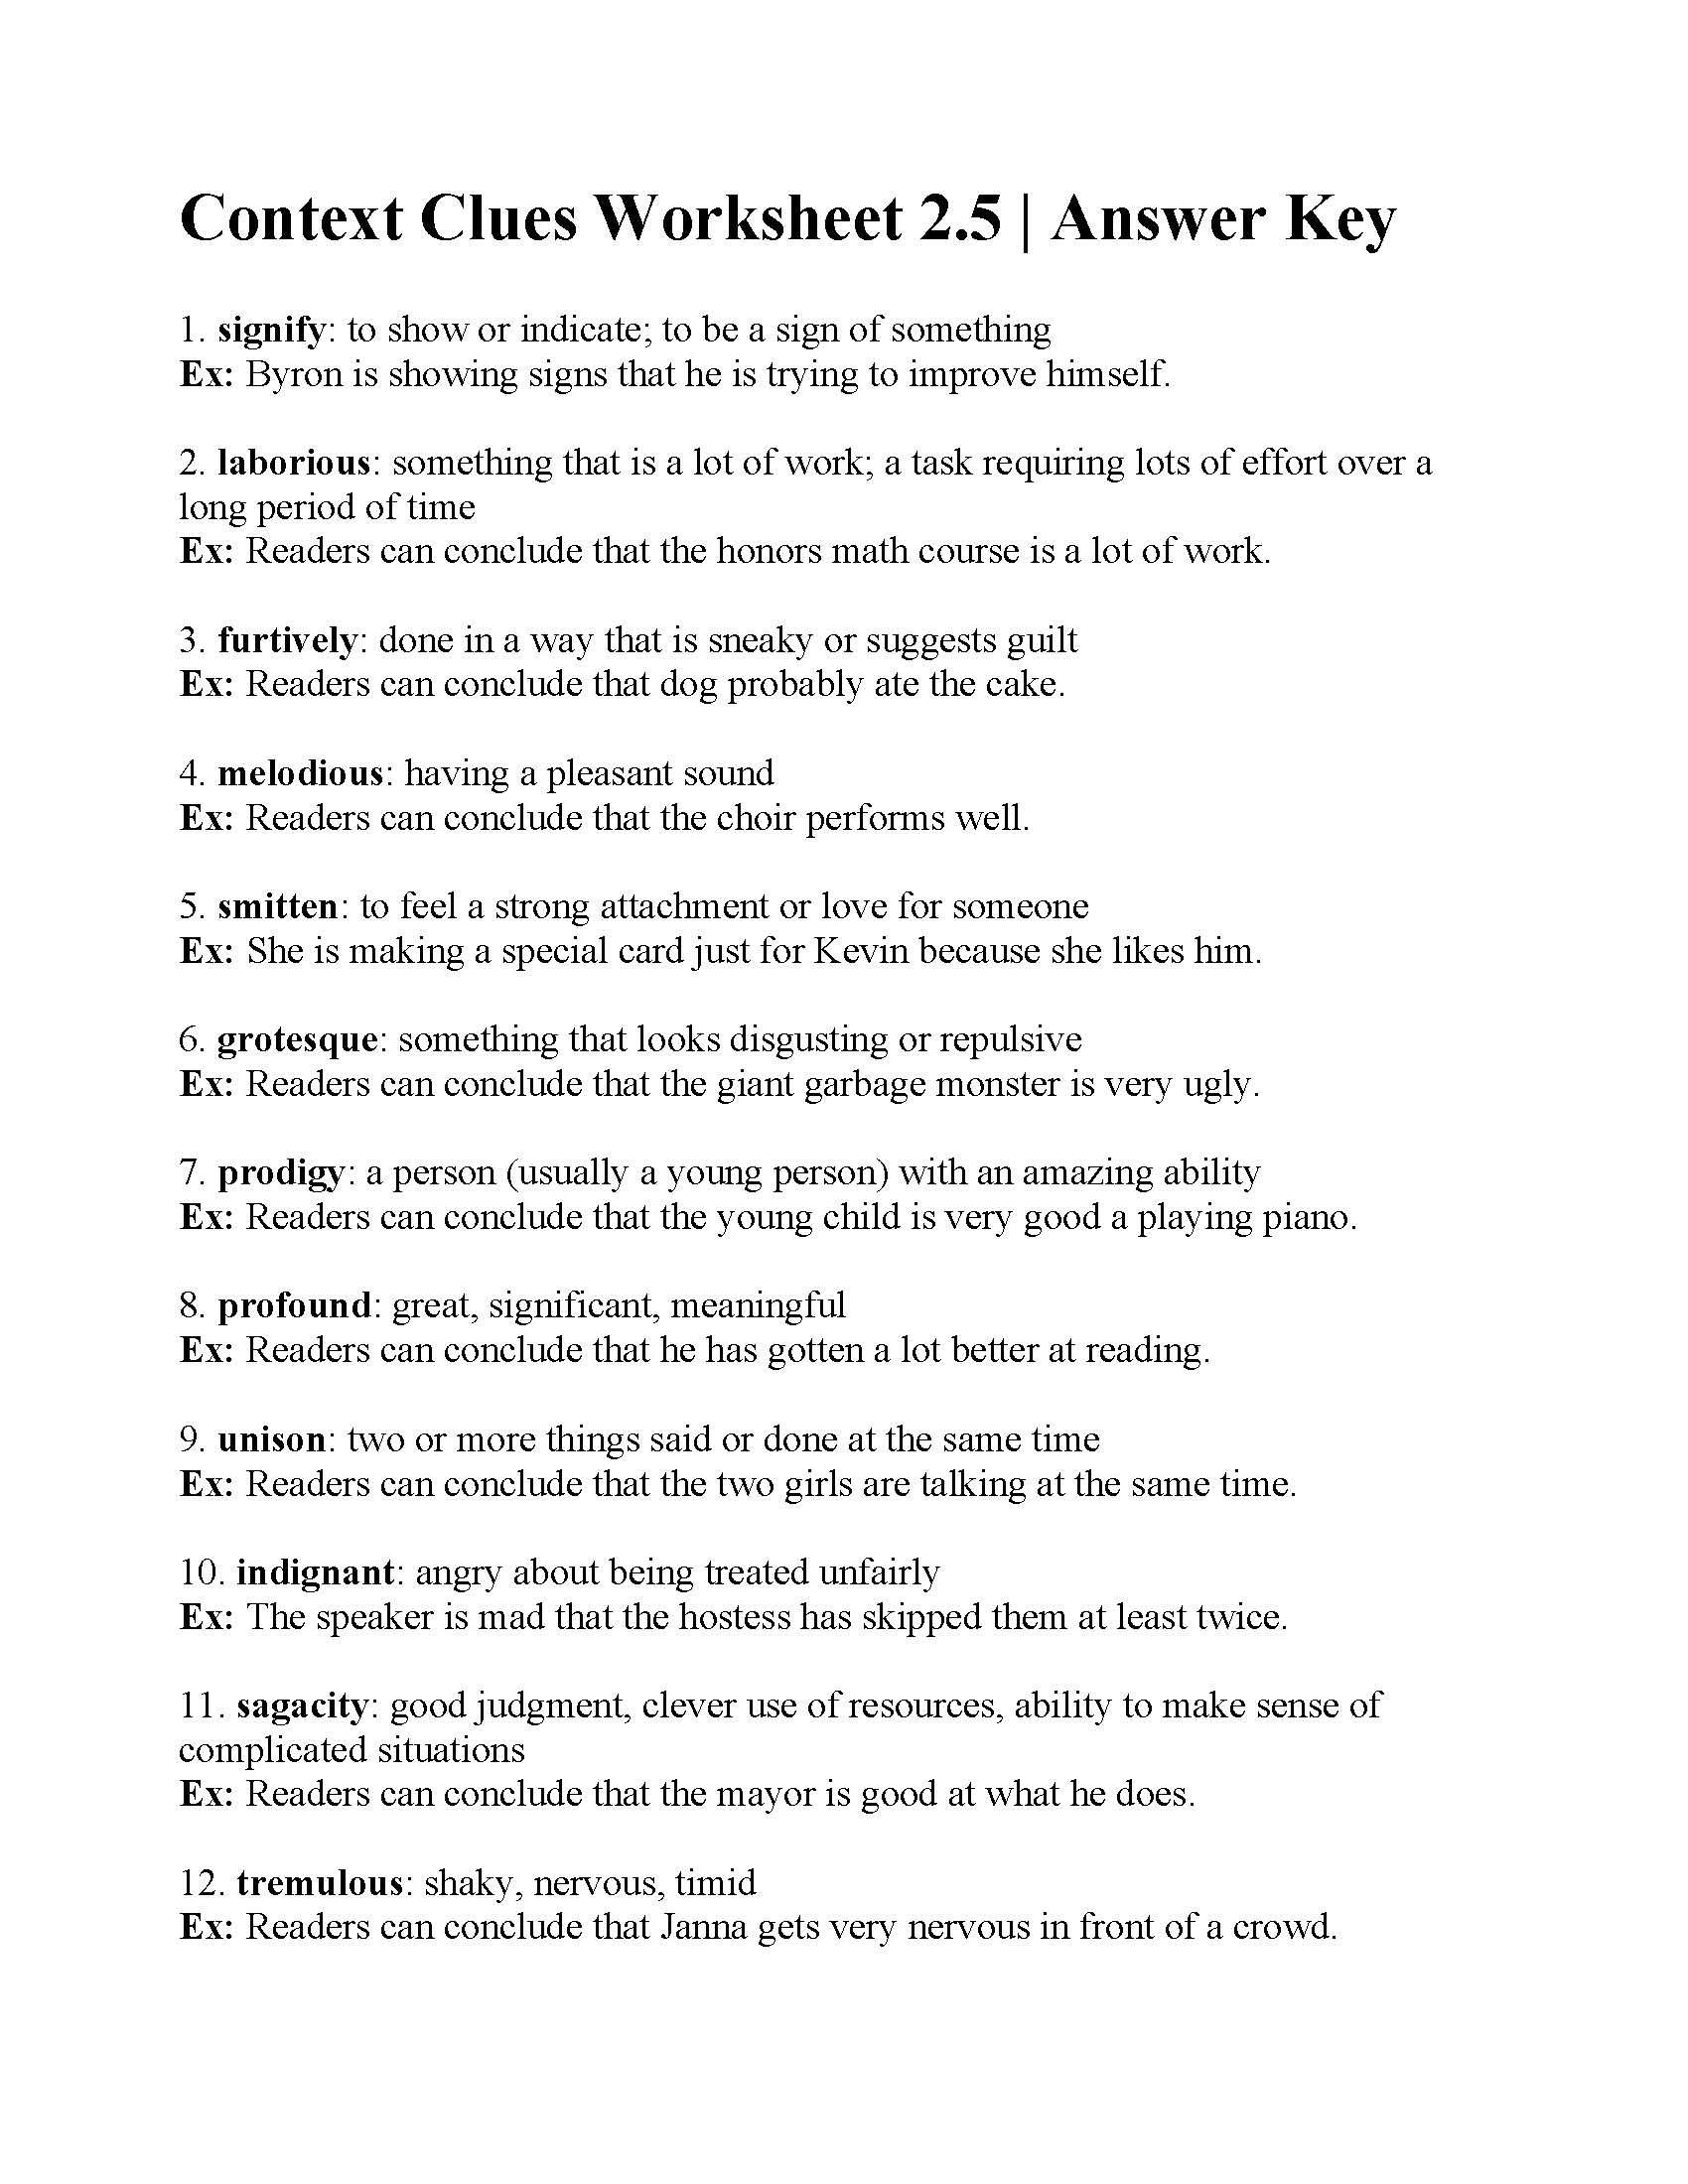 Context Clues Worksheets Grade 5 Context Clues Worksheet 2 5